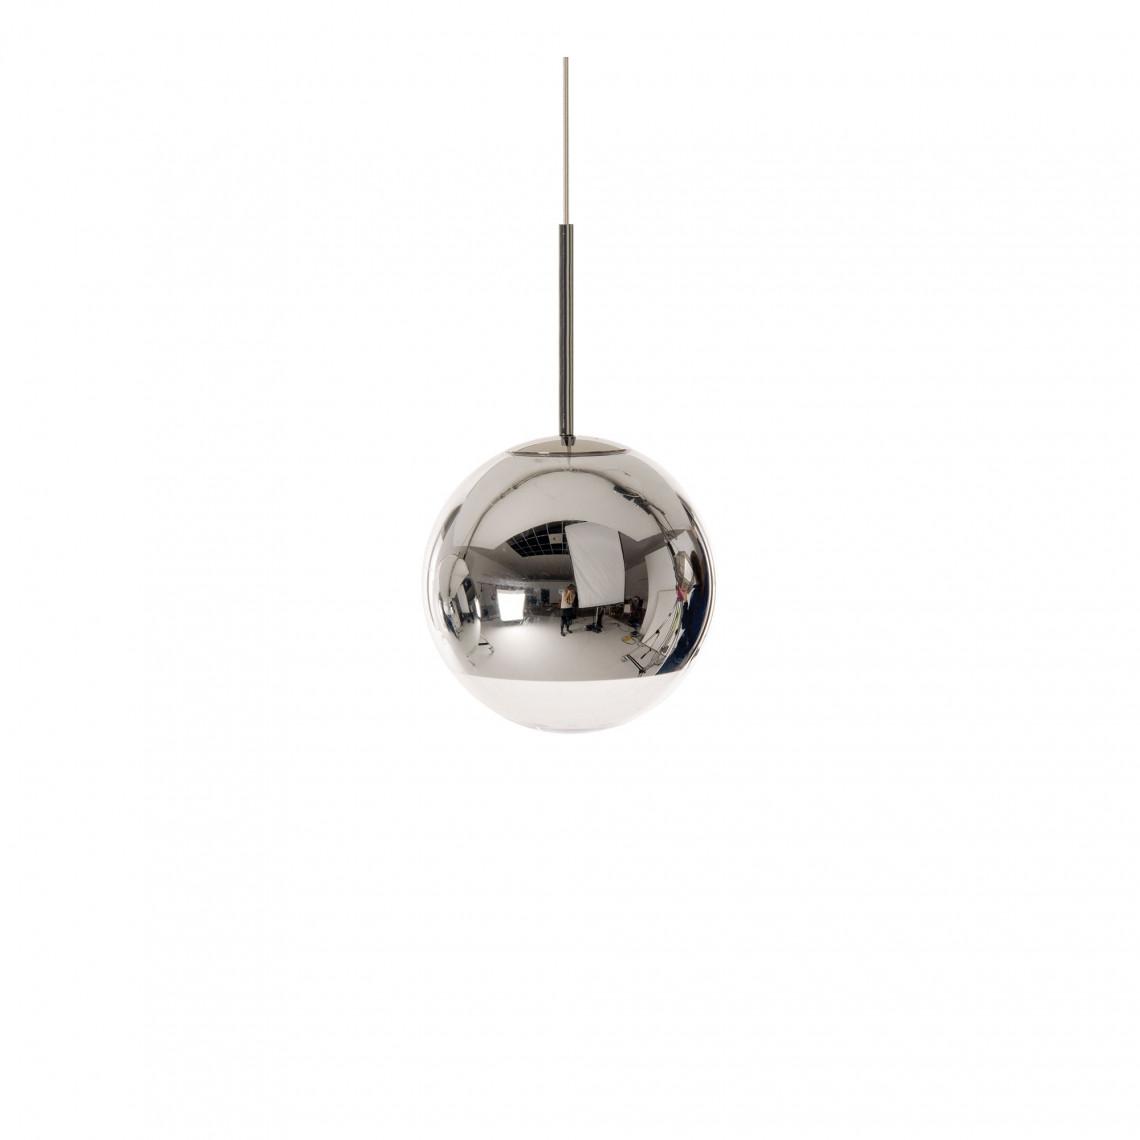 Mirror Ball - Chrome